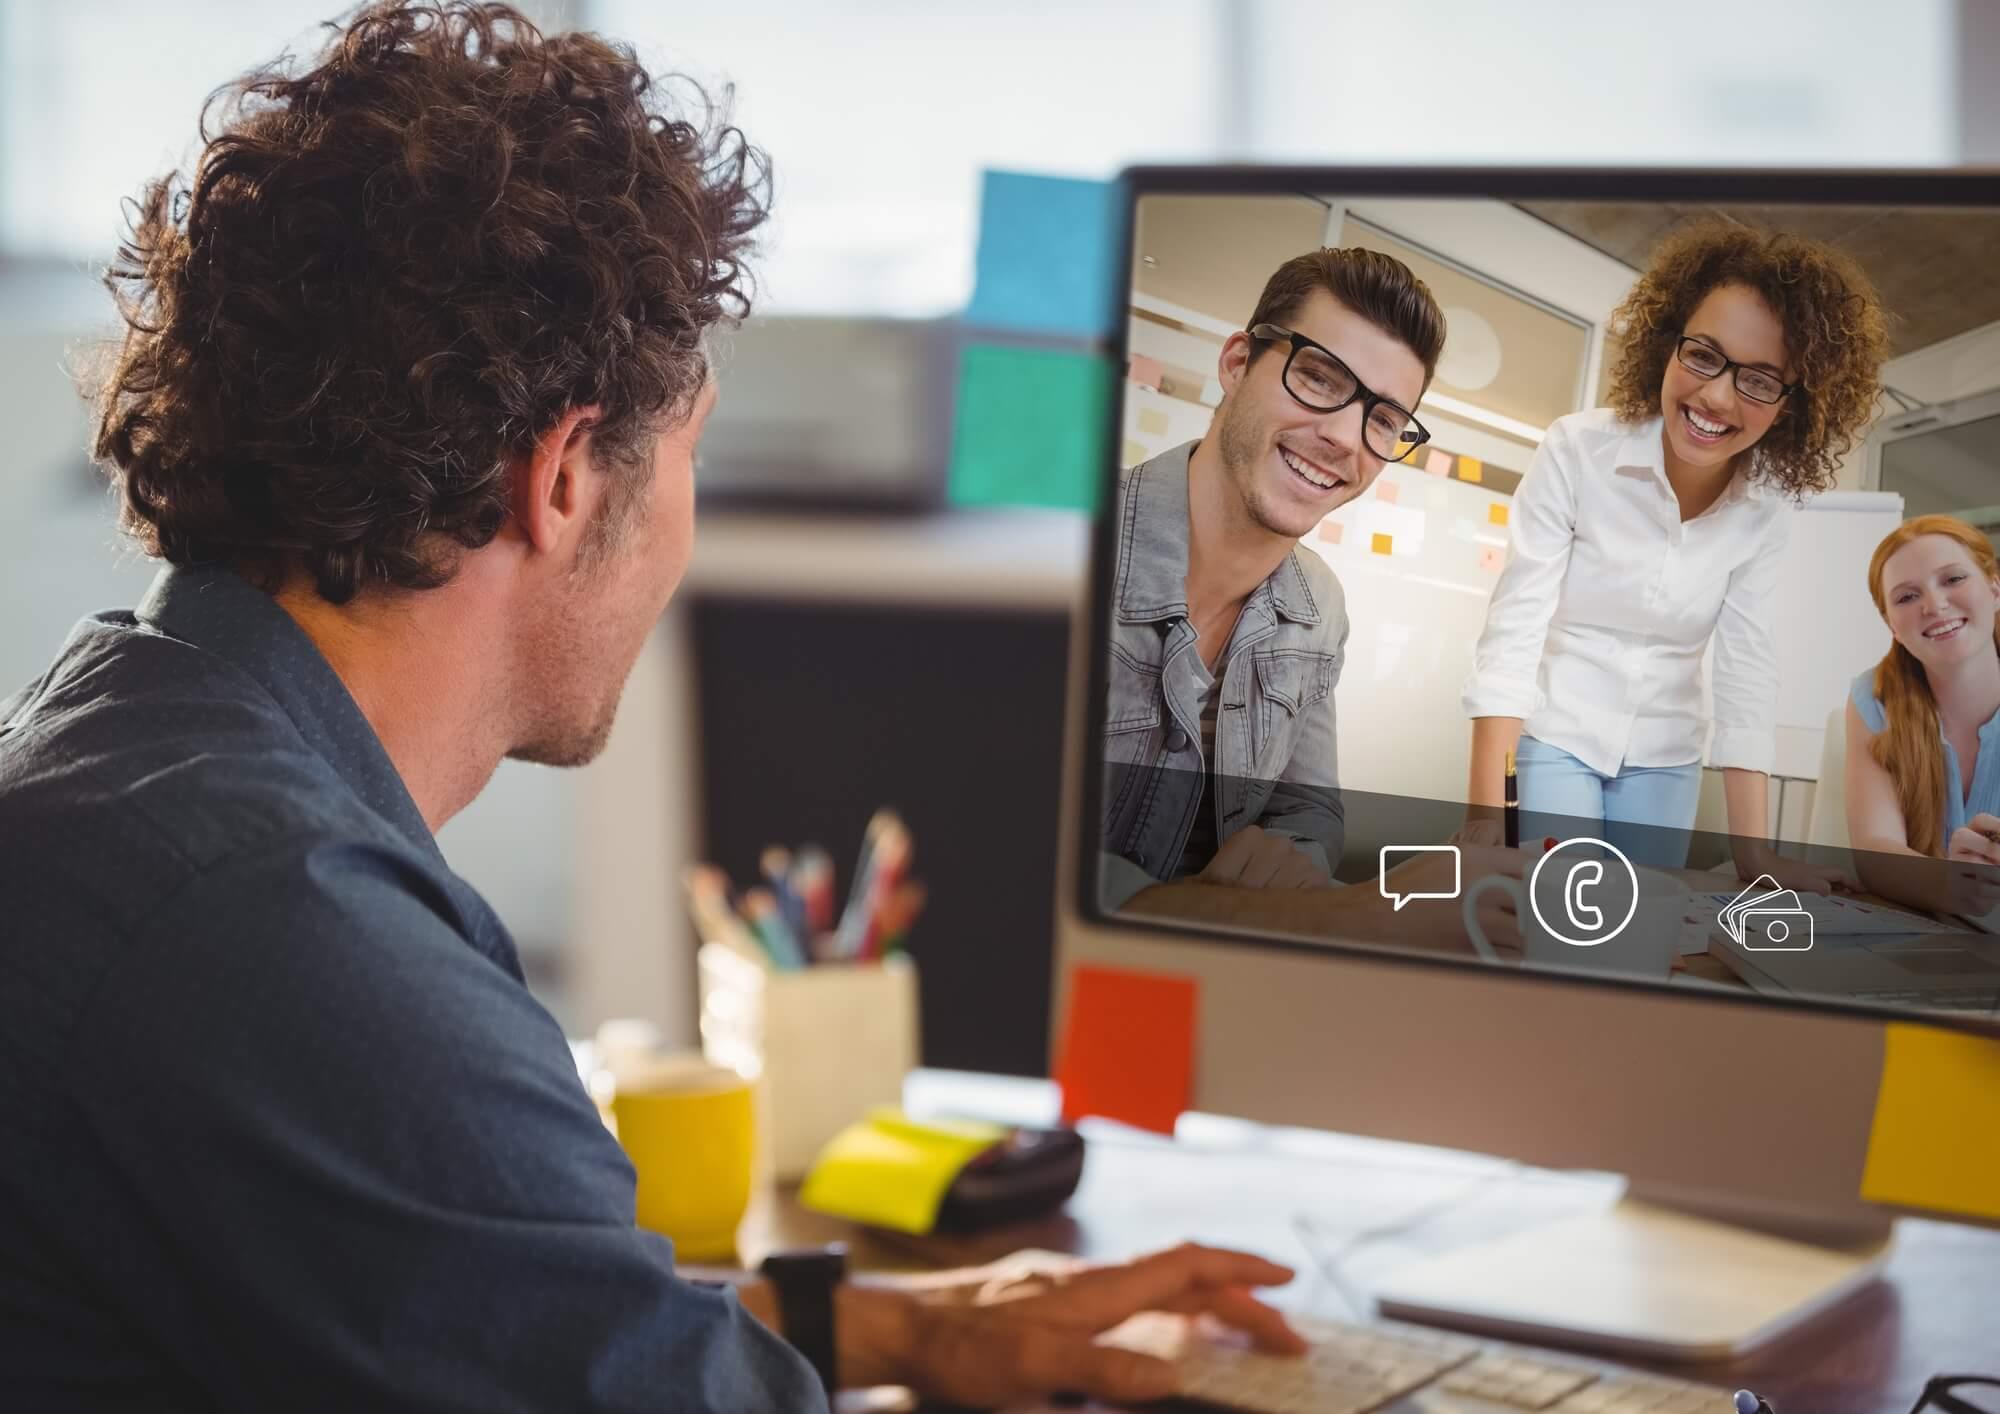 6 pontos cruciais para escolher uma solução de videoconferência